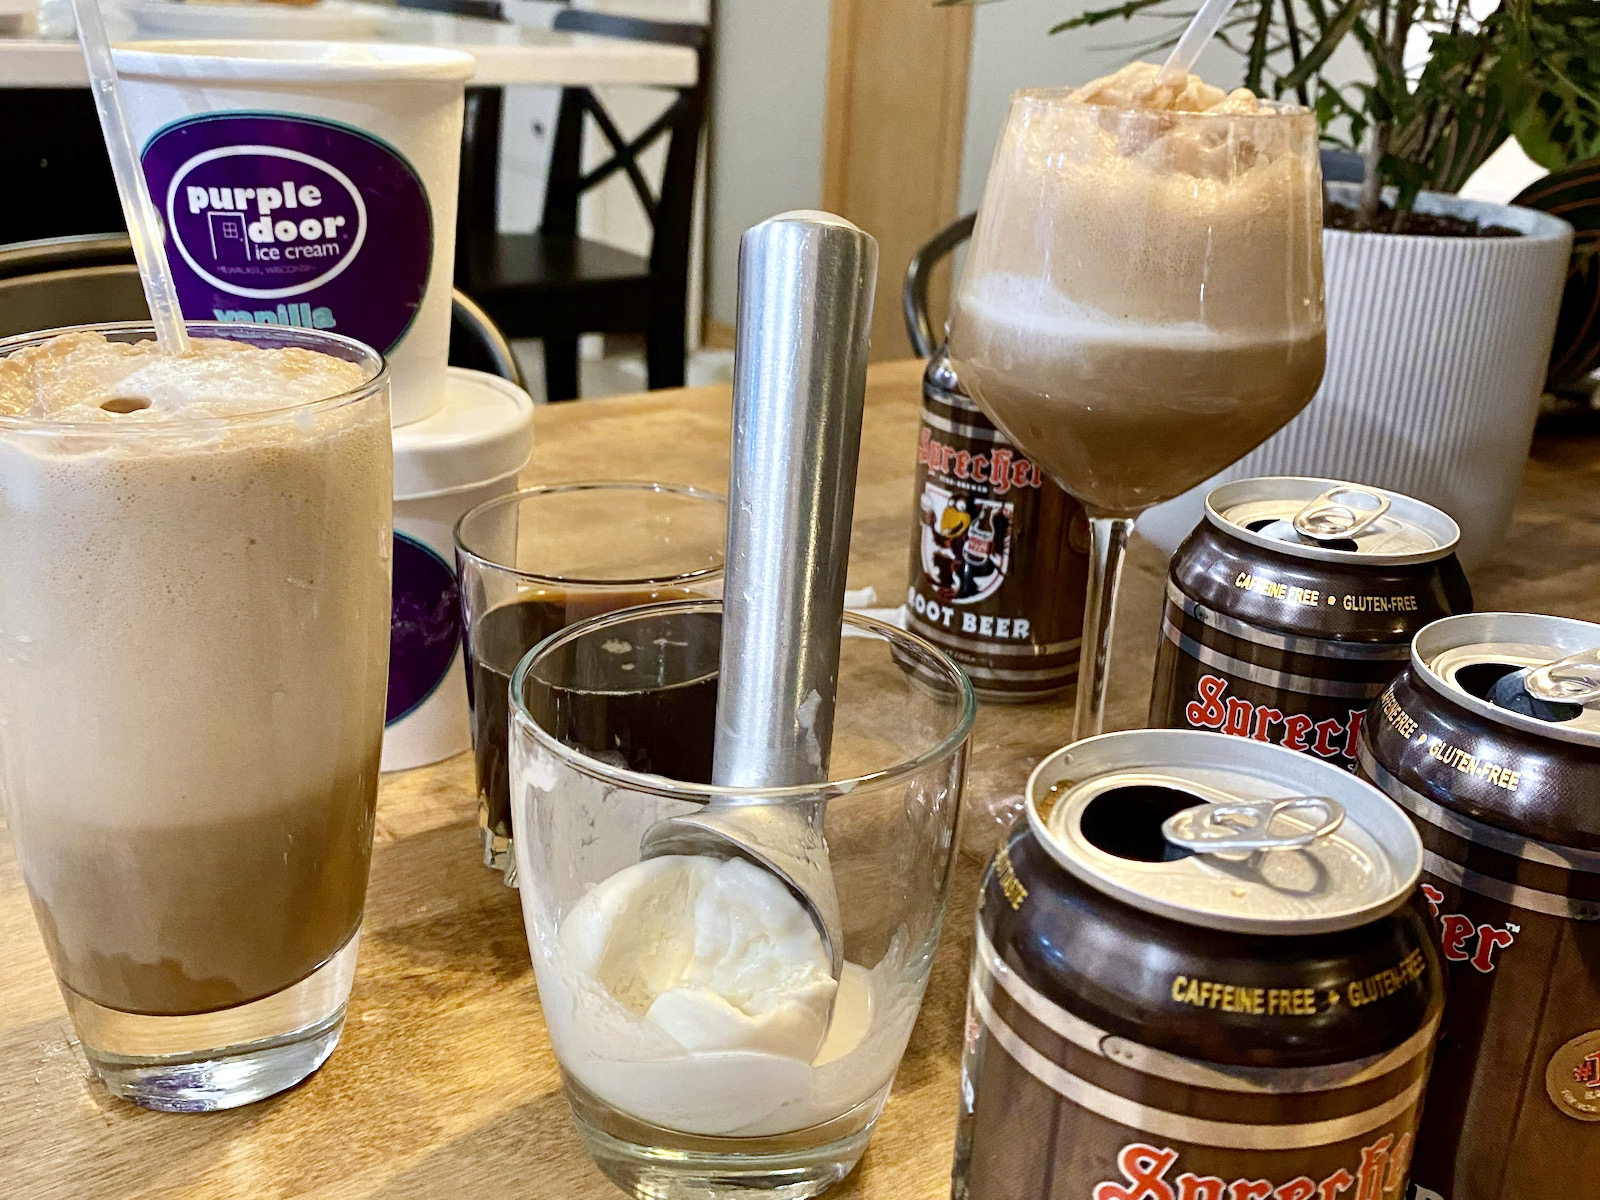 Purple Door Ice Cream root beer float kit